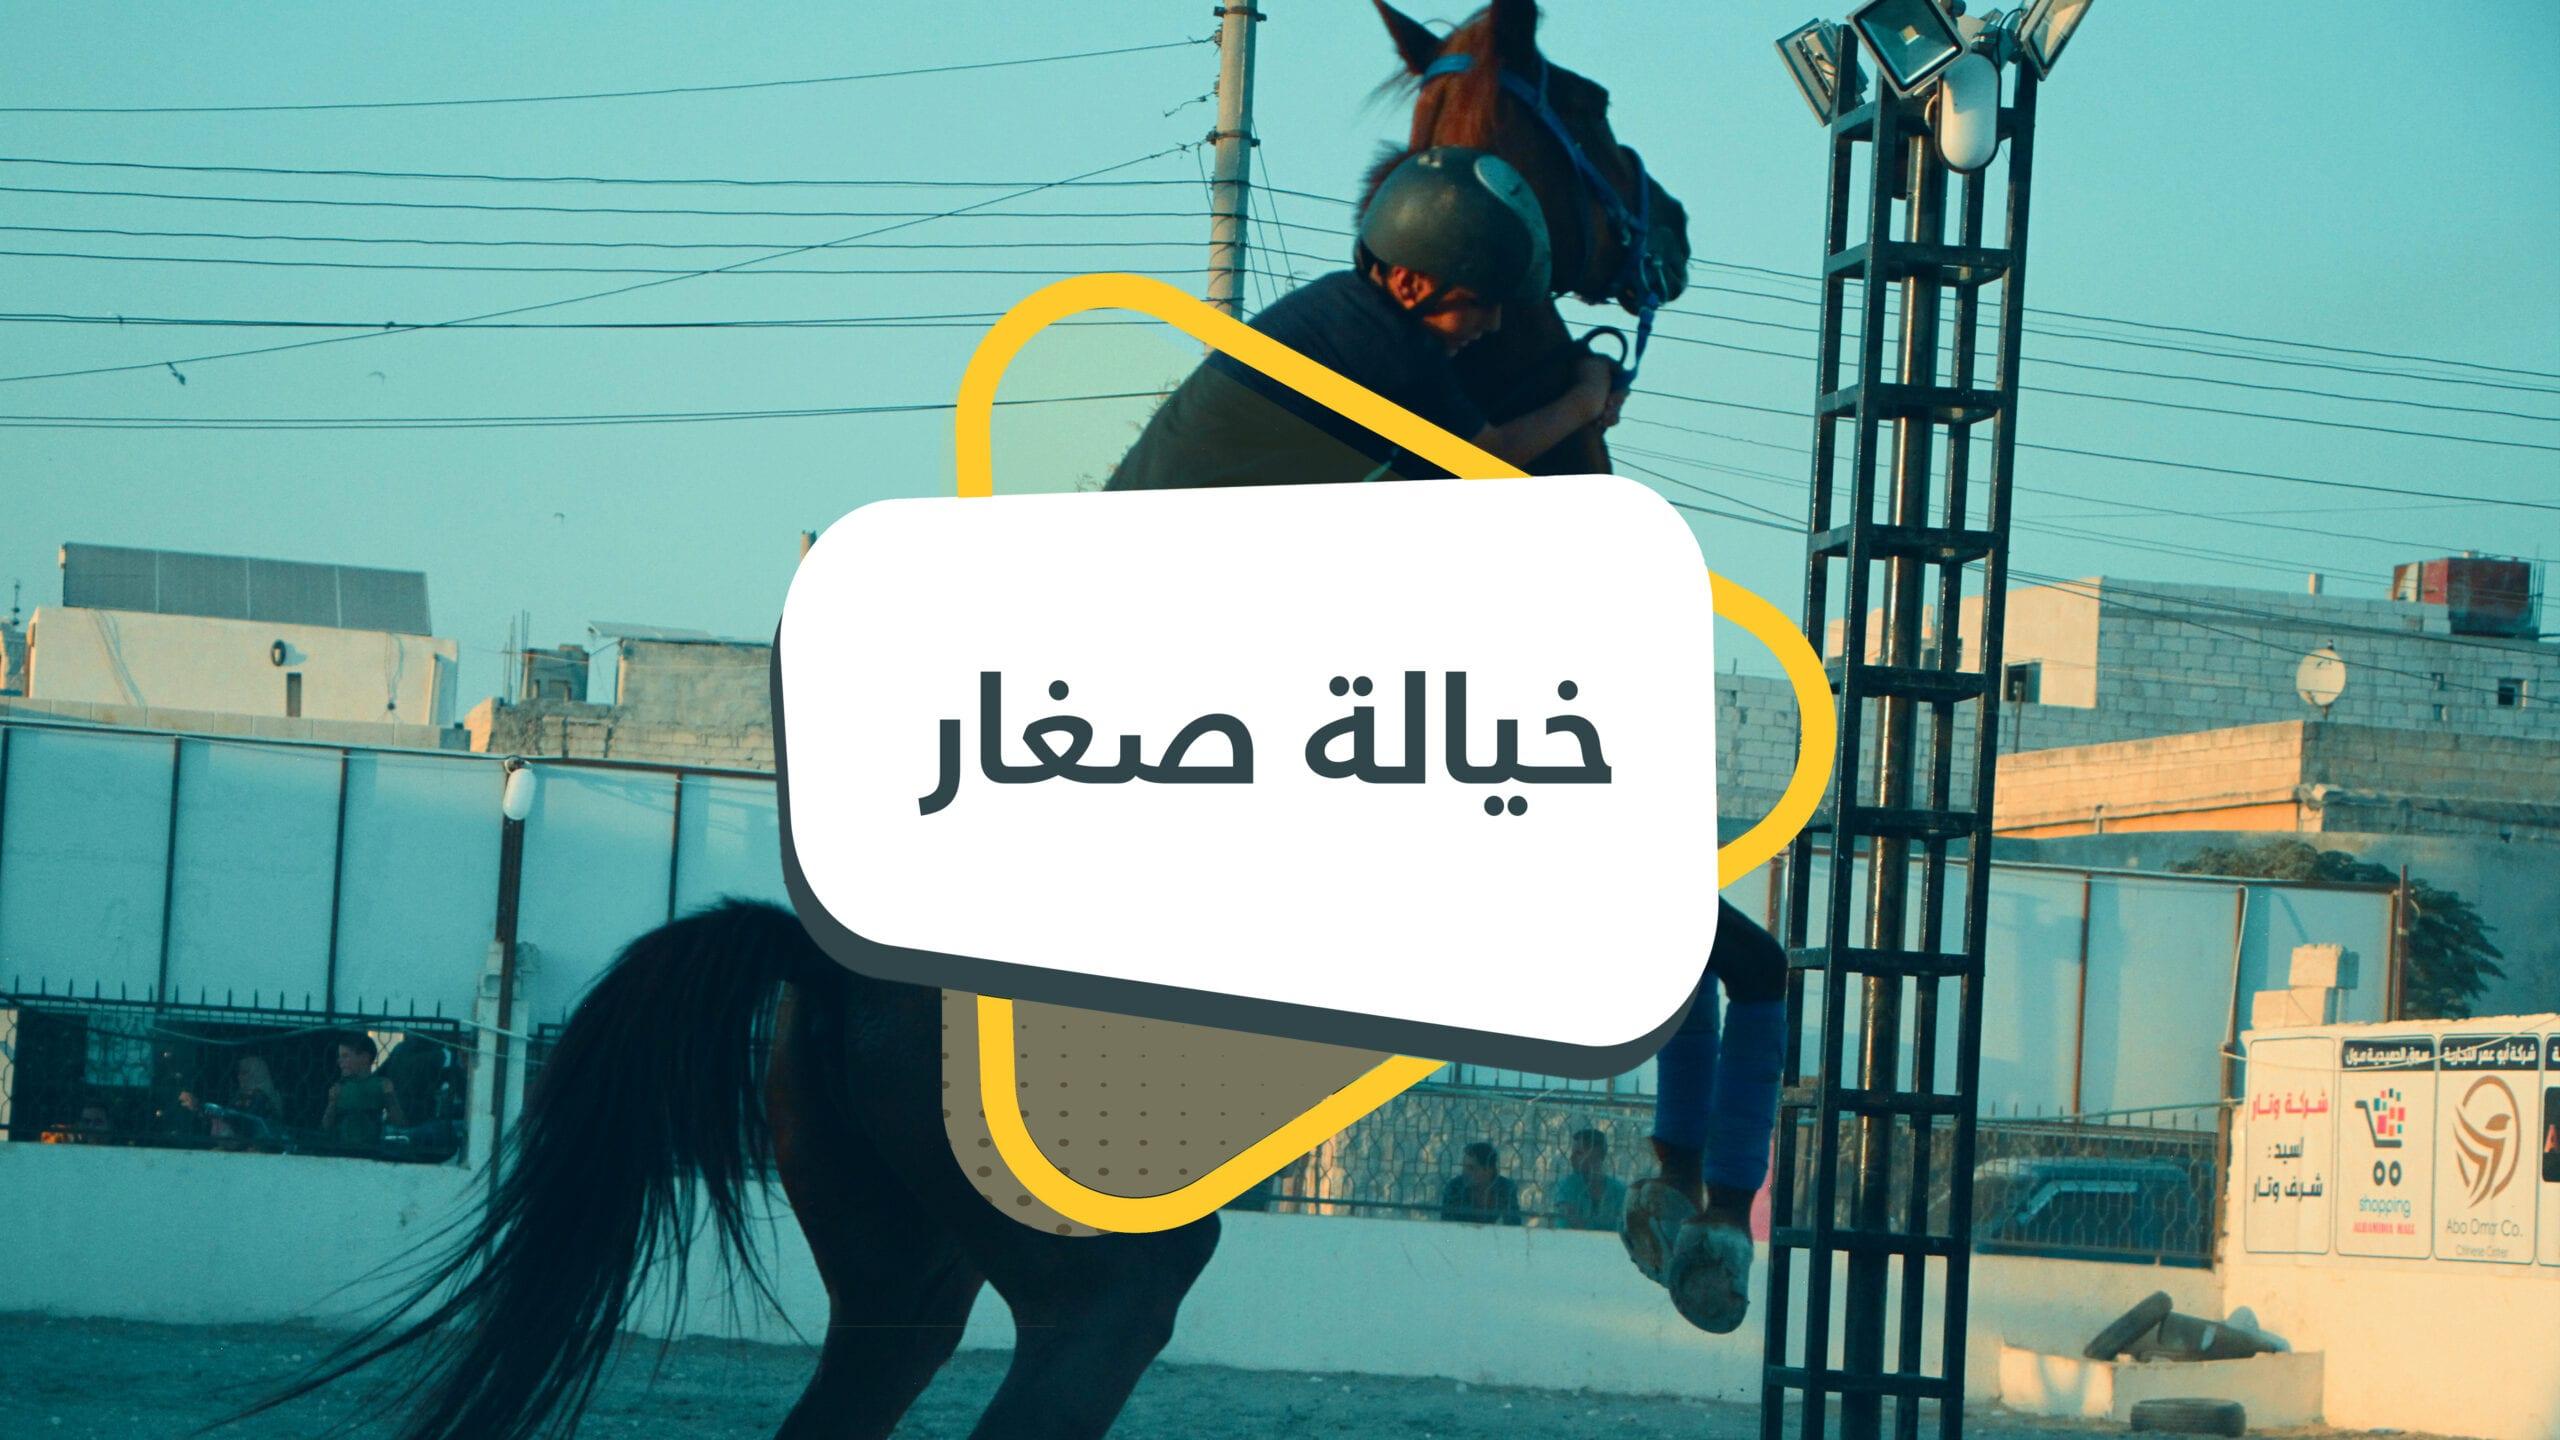 الخيالة الأطفال.. حكاية من إدلب